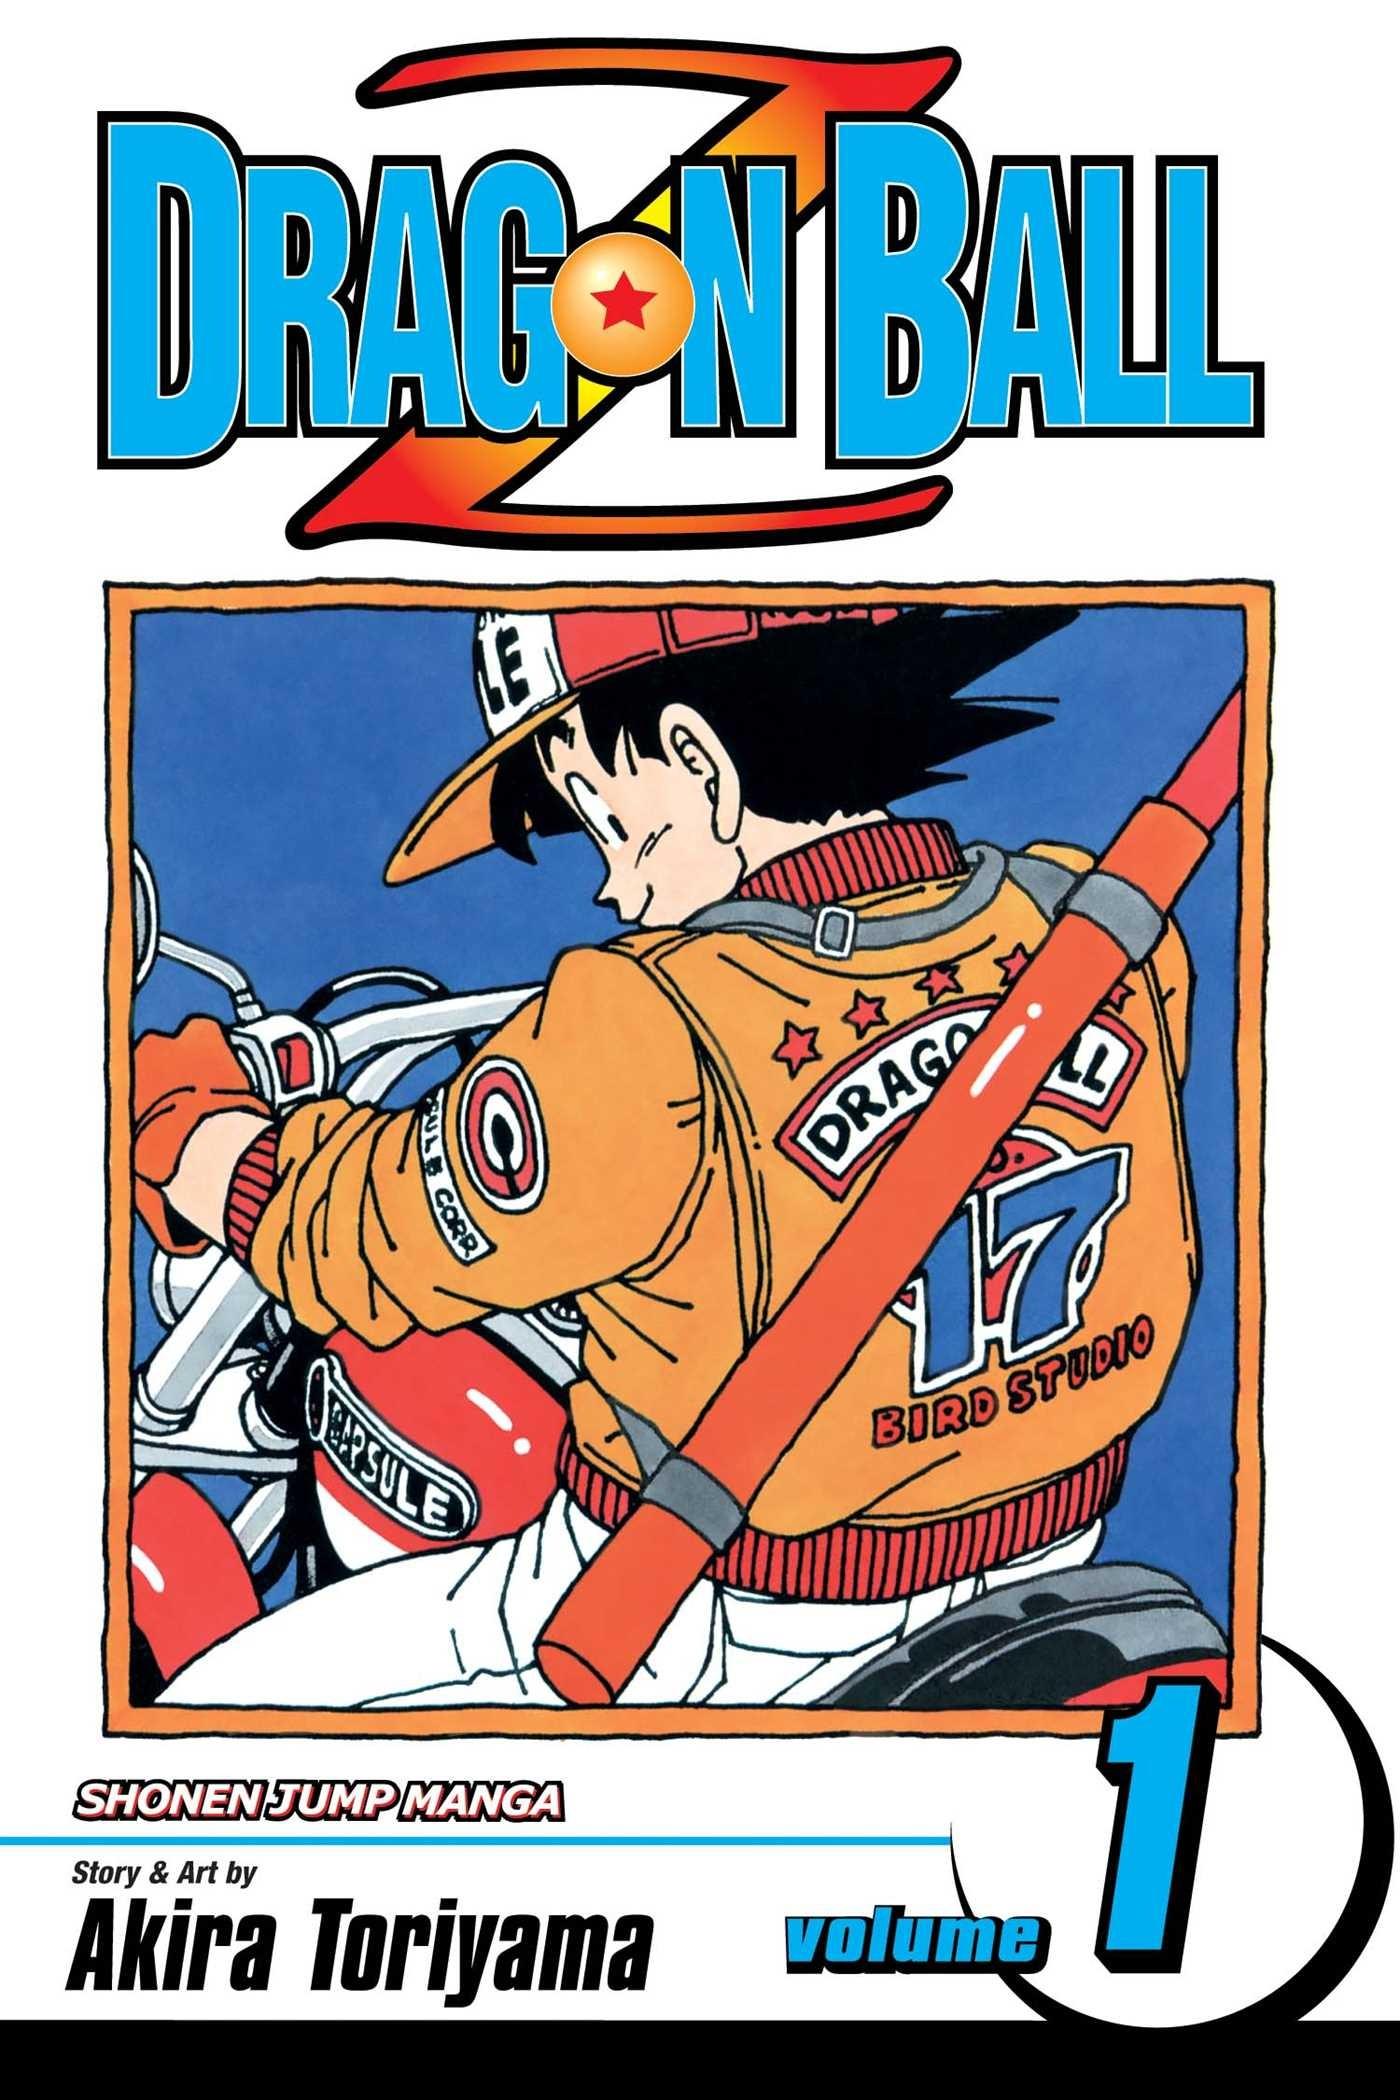 Dragon Ball Z, Vol. 1 by Akira Toriyama